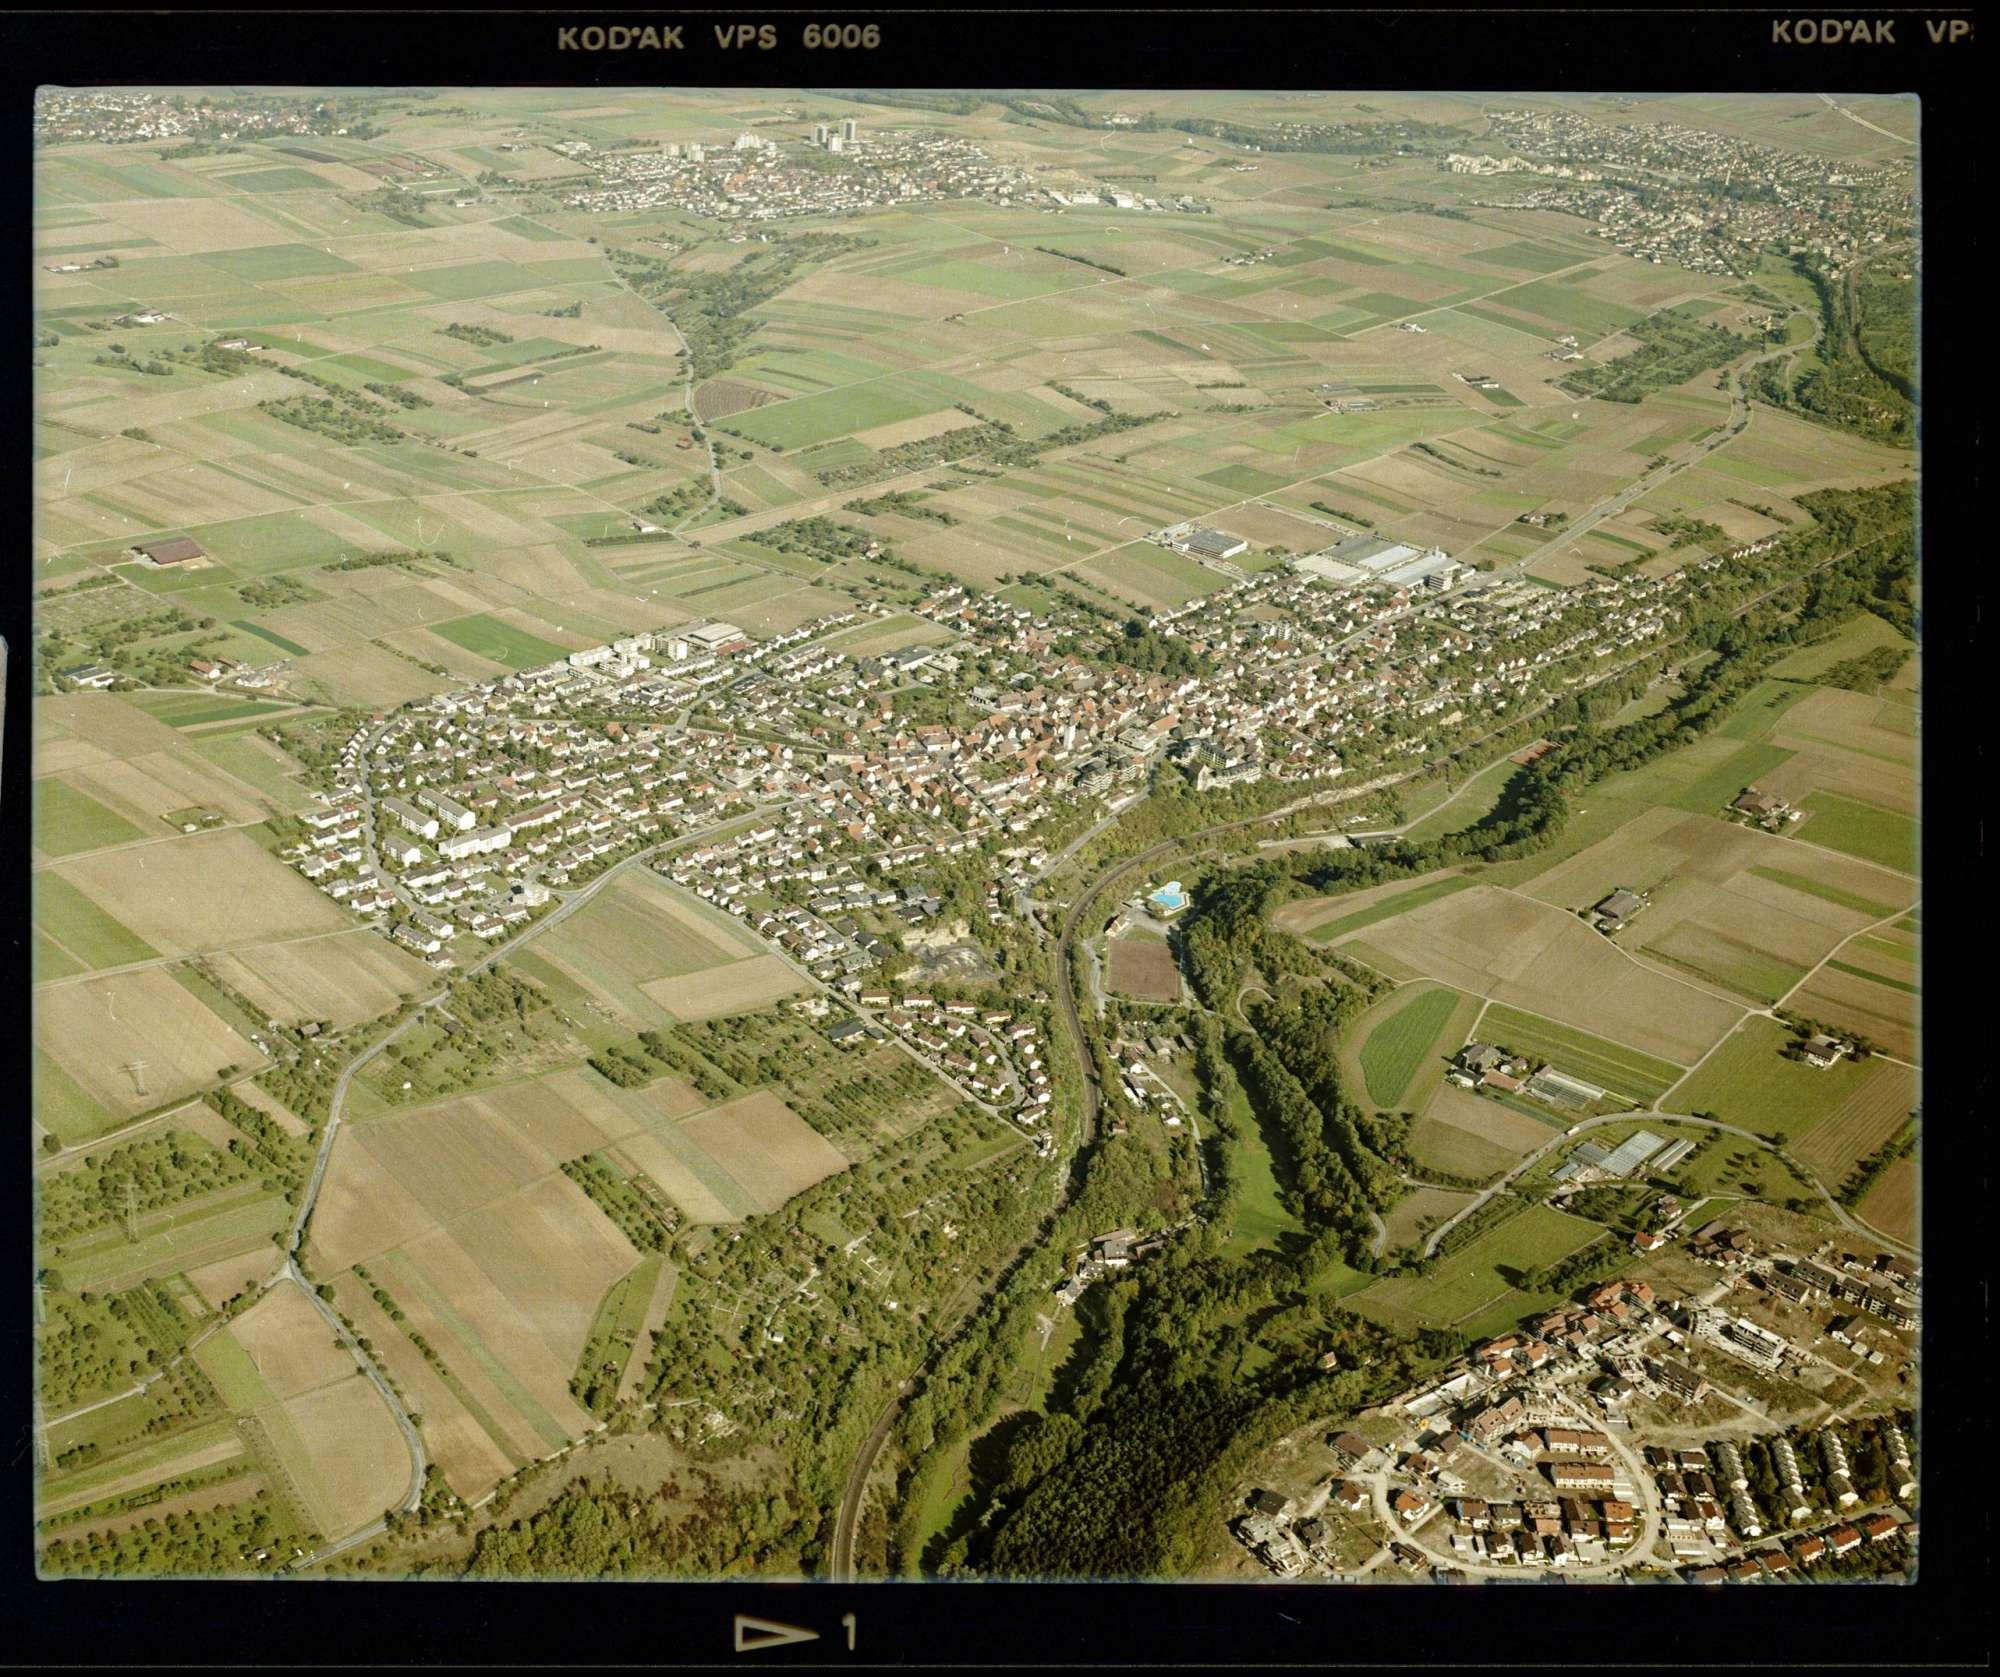 Höfingen, Luftbild, Bild 1